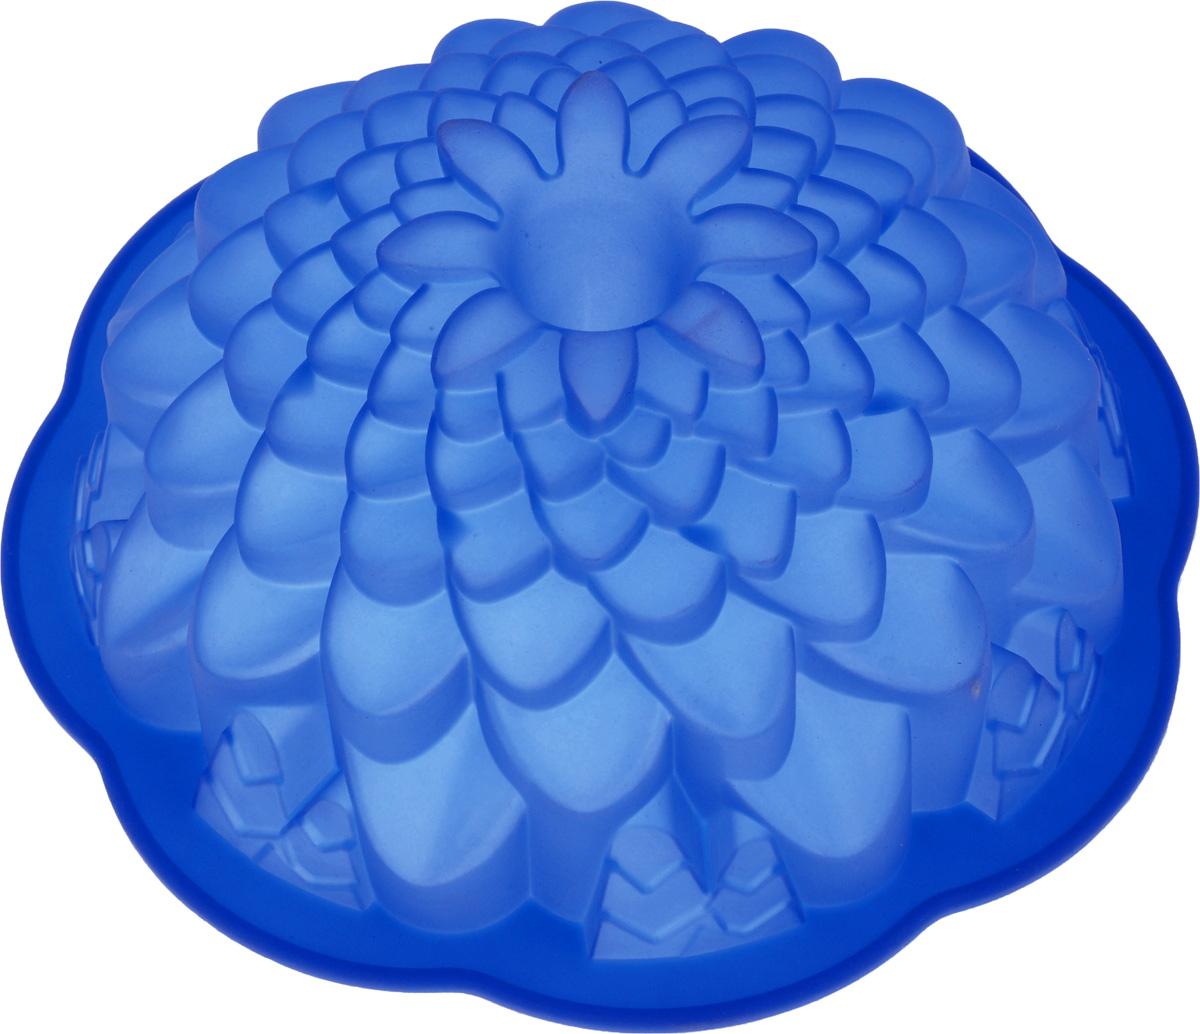 Форма для выпечки кекса Mayer & Boch Хризантема, круглая, цвет: синий, диаметр 22 см22075_синийКруглая форма Mayer & Boch Хризантема будет отличным выбором для всех любителей выпечки. Благодаря тому, что форма изготовлена из силикона, готовую выпечку вынимать легко и просто. Стенки формы оснащены рельефной поверхностью. Форма прекрасно подходит для выпечки кексов. С такой формой вы всегда сможете порадовать своих близких оригинальной выпечкой. Материал изделия устойчив к фруктовым кислотам, может быть использован в духовках, микроволновых печах, холодильниках (выдерживает температуру от -40°C до 230°C). Можно мыть в посудомоечной машине. Диаметр (по верхнему краю): 22 см. Высота стенок: 8 см.